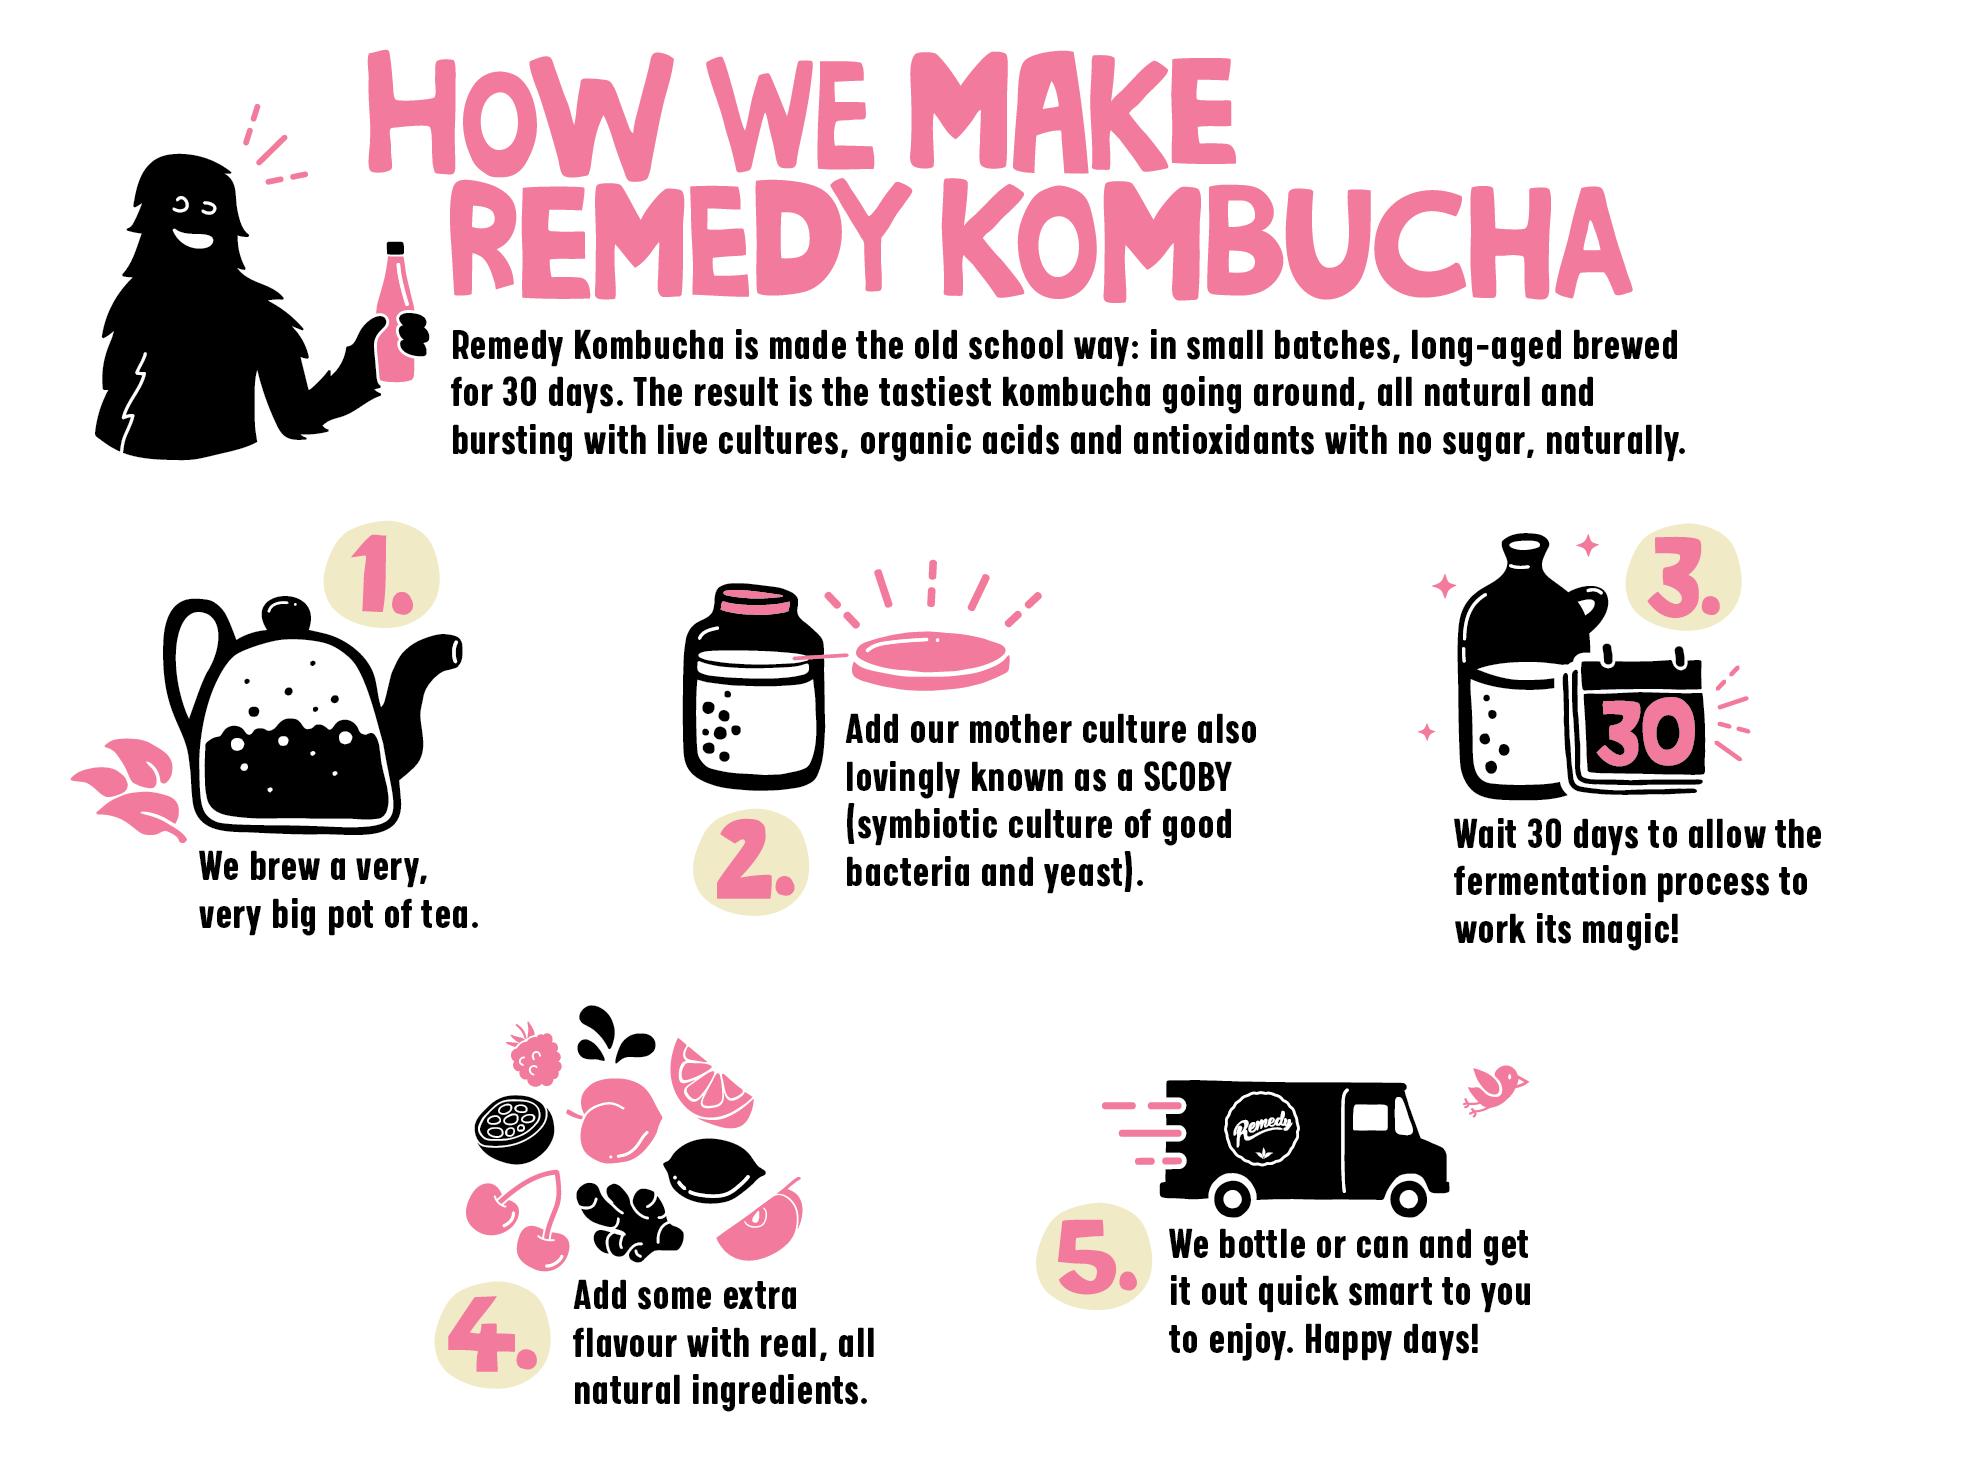 Remedy Kombucha Brew Process